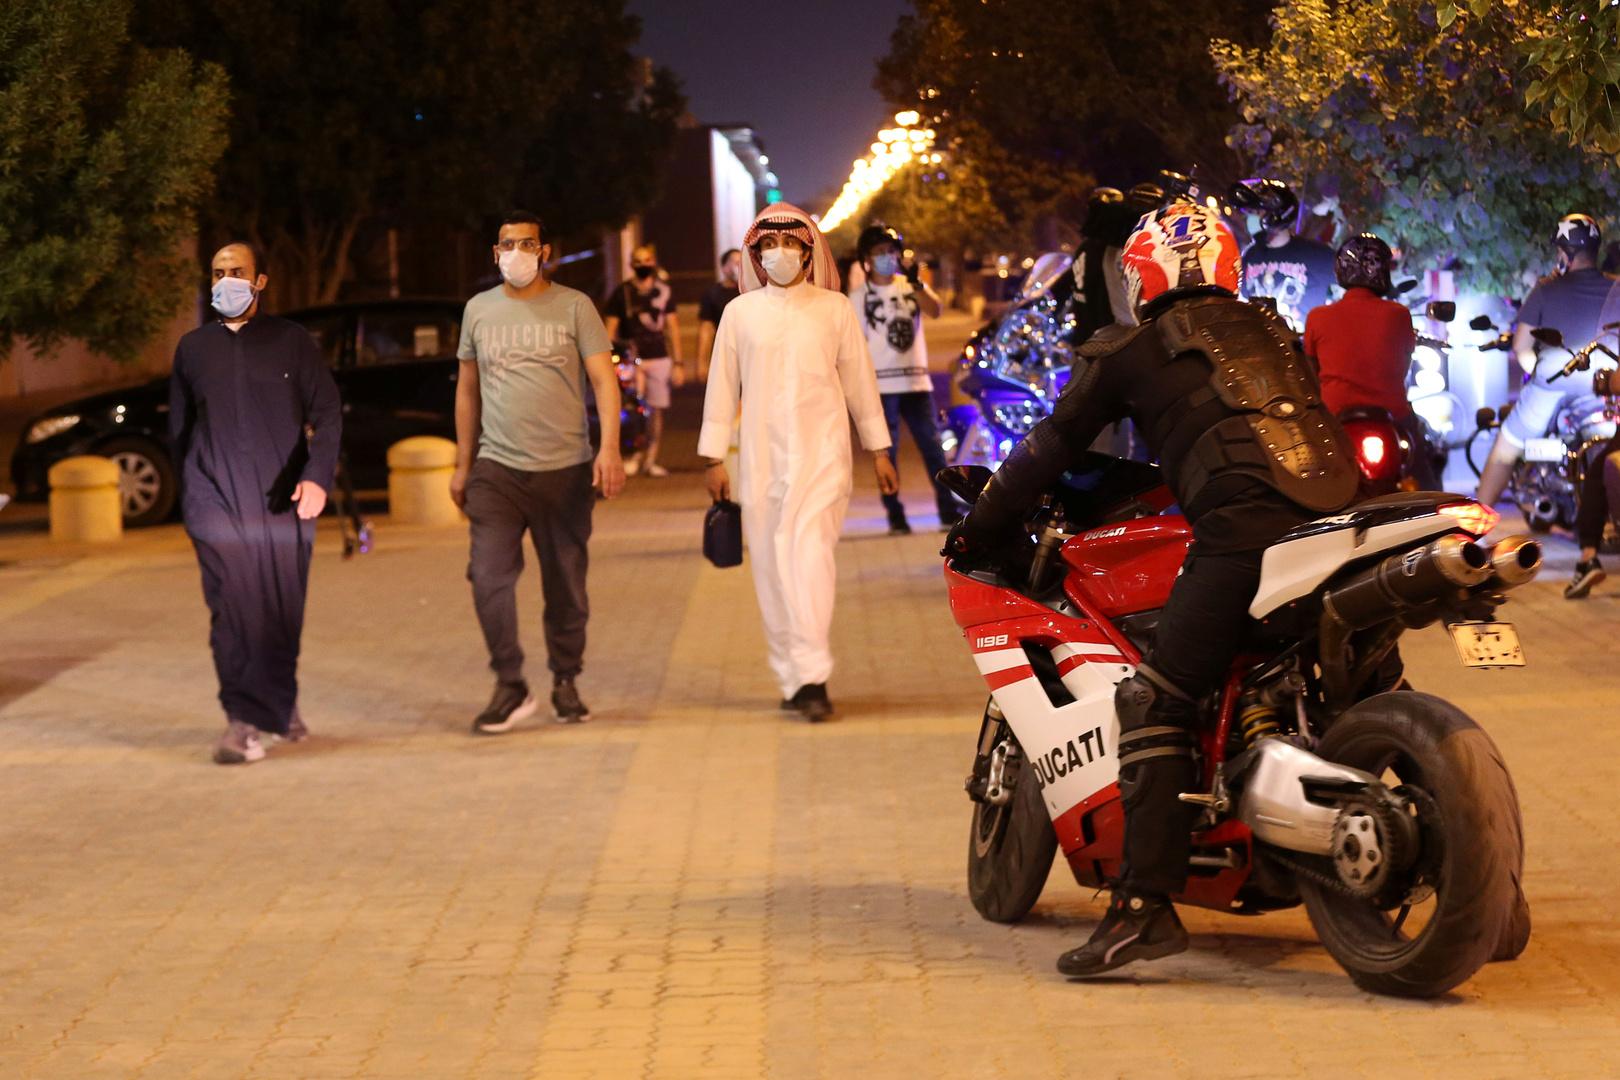 سعوديون يرتدون كمامات واقية في الشارع